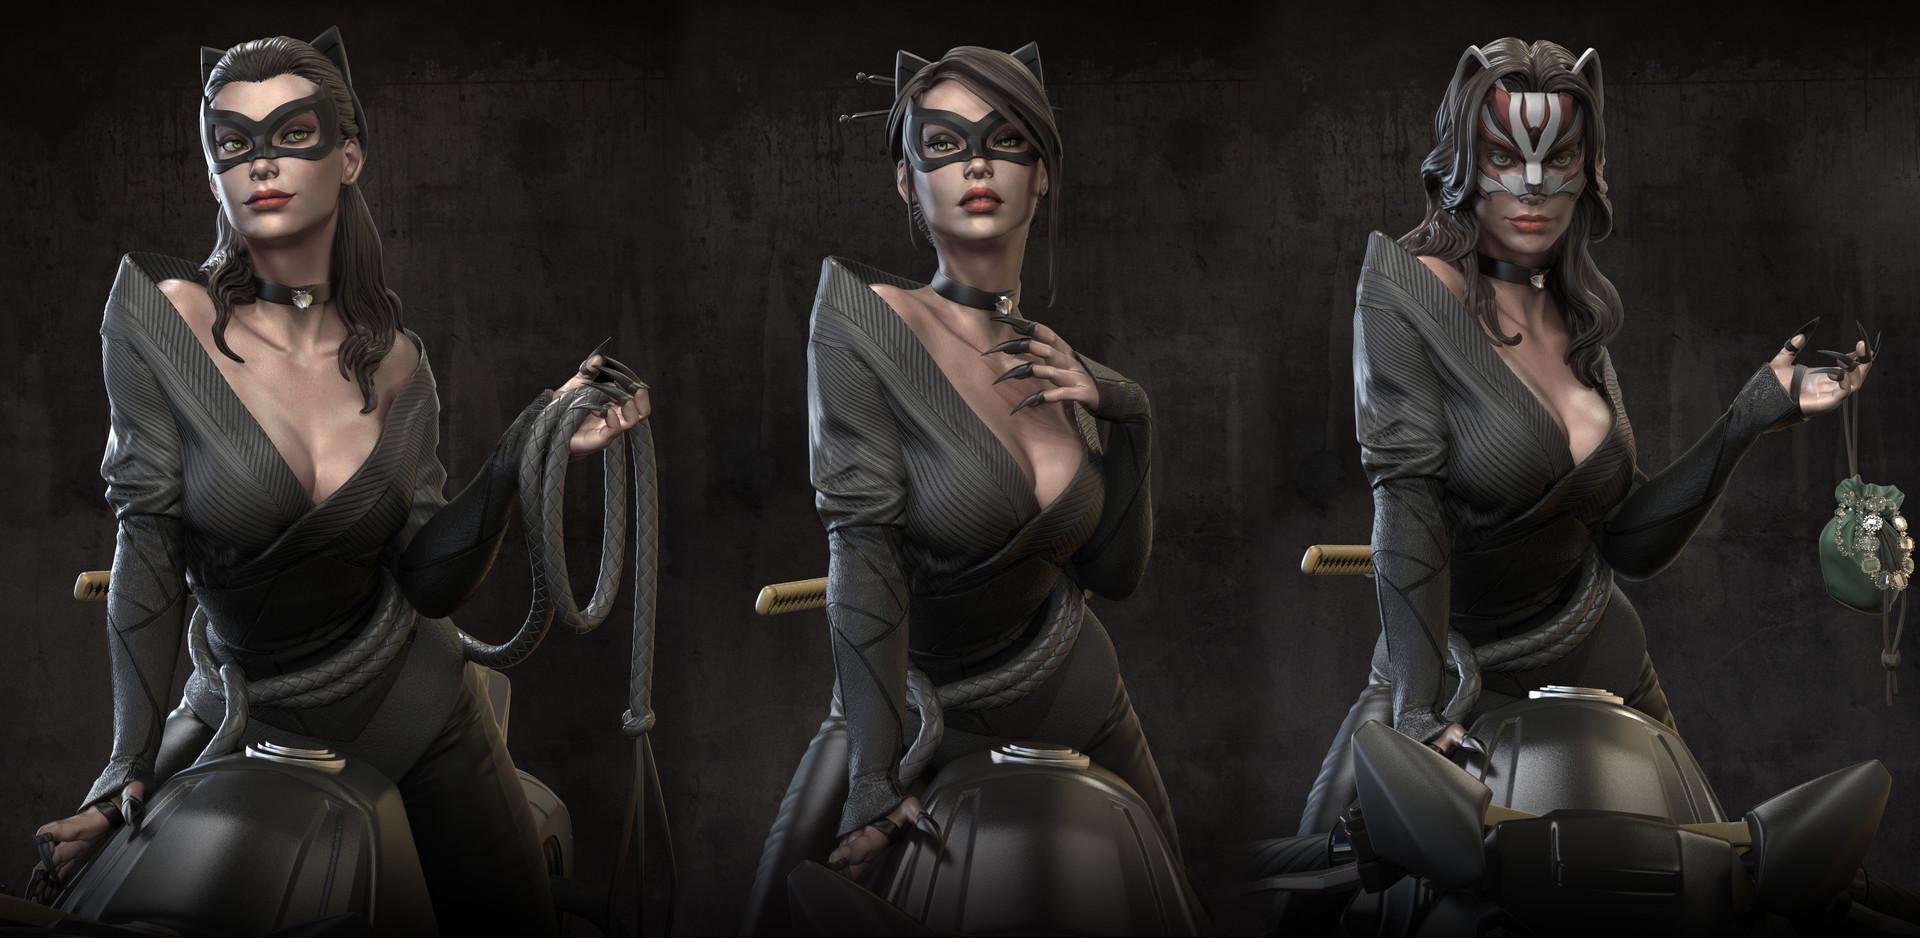 Catwoman 3d pornos images